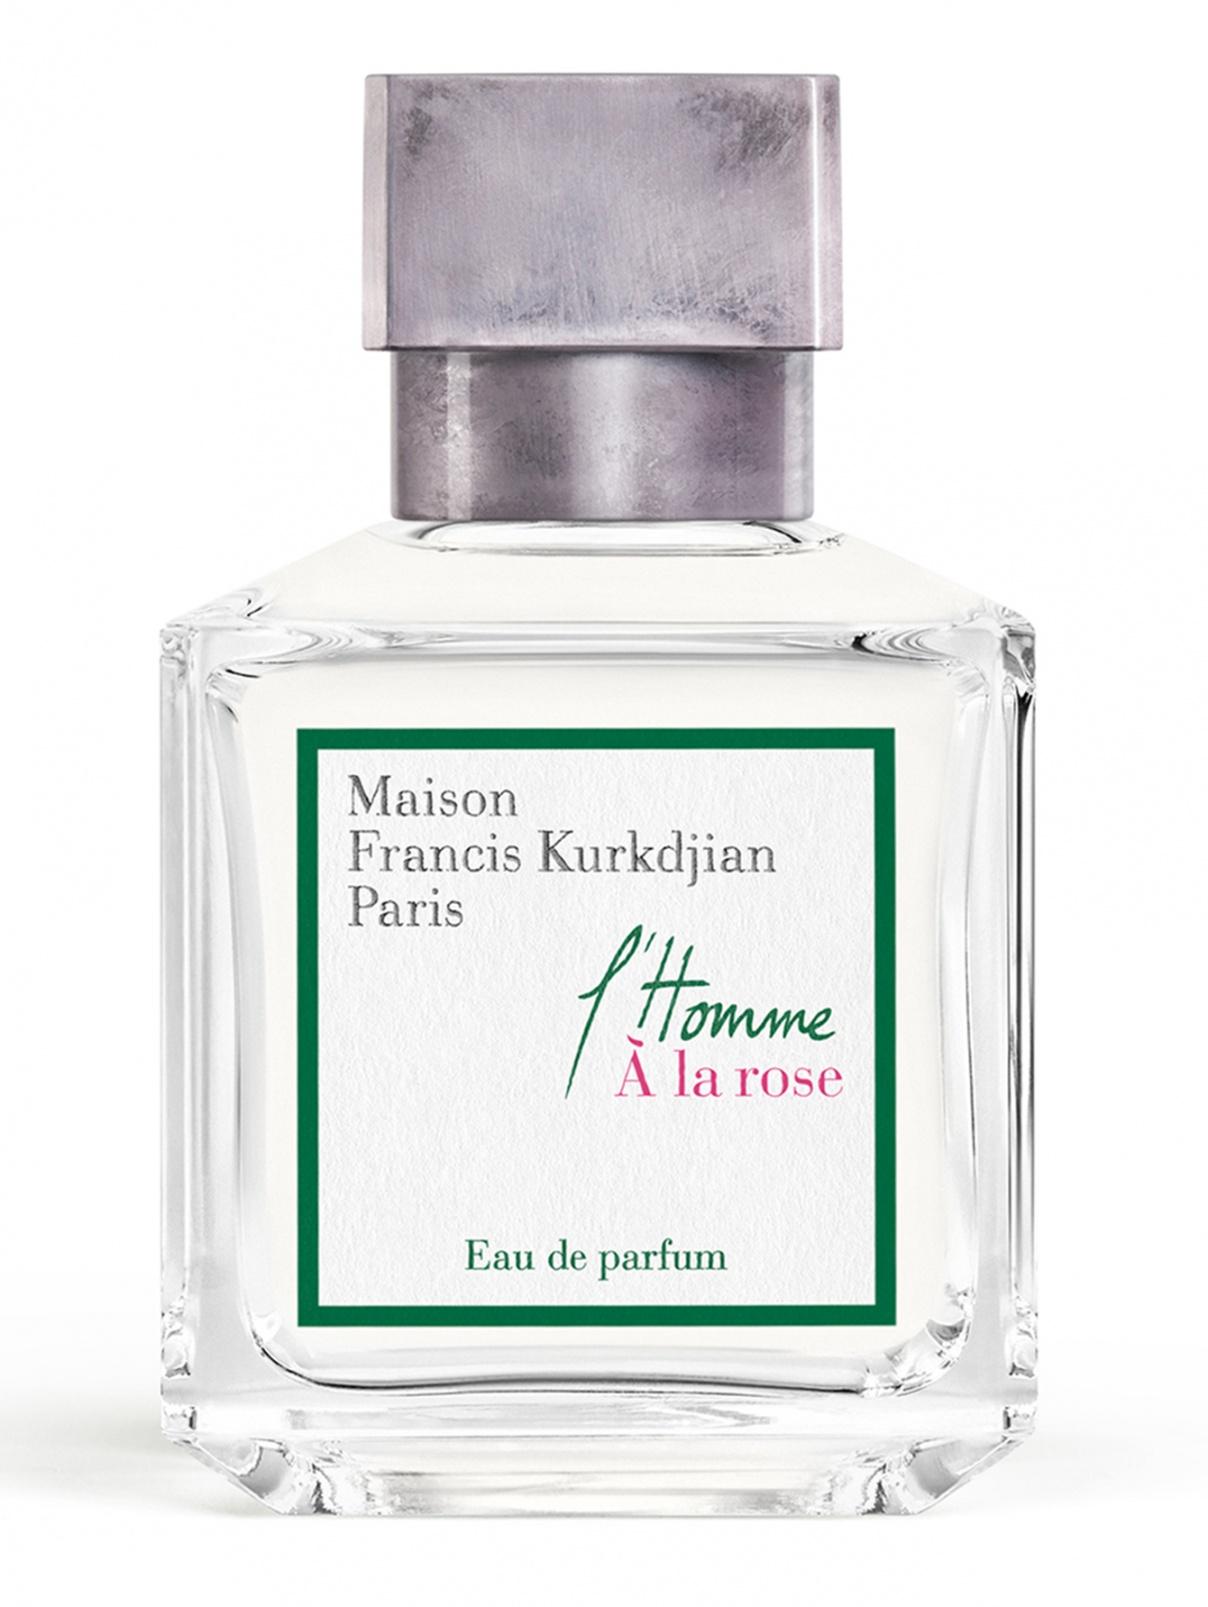 Парфюмерная вода L'Homme A La Rose 70 мл Maison Francis Kurkdjian  –  Общий вид